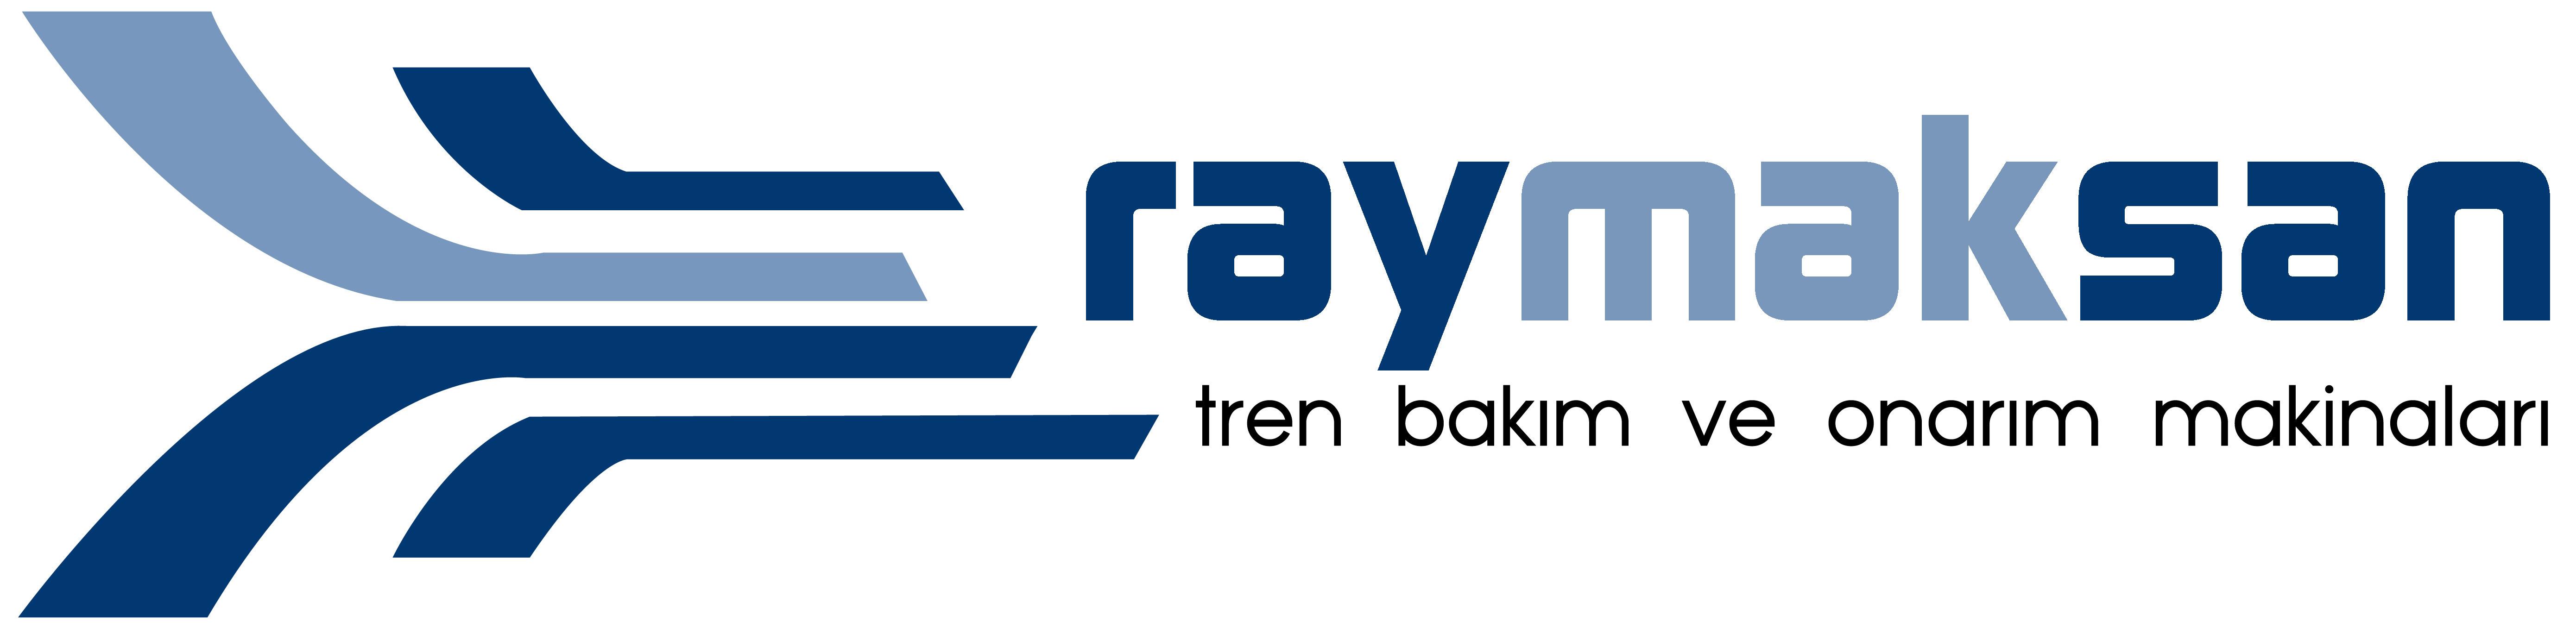 References - Raymaksan Tren Bakım Ve Onarım Makinaları - Metalmak Makina / Raymaksan  Tren Bakım ve Onarım Makinaları | Sera Makinaları | Tekstil Makinaları | TarımMakinaları| Akülü Tren ve Makinalar | Denizli